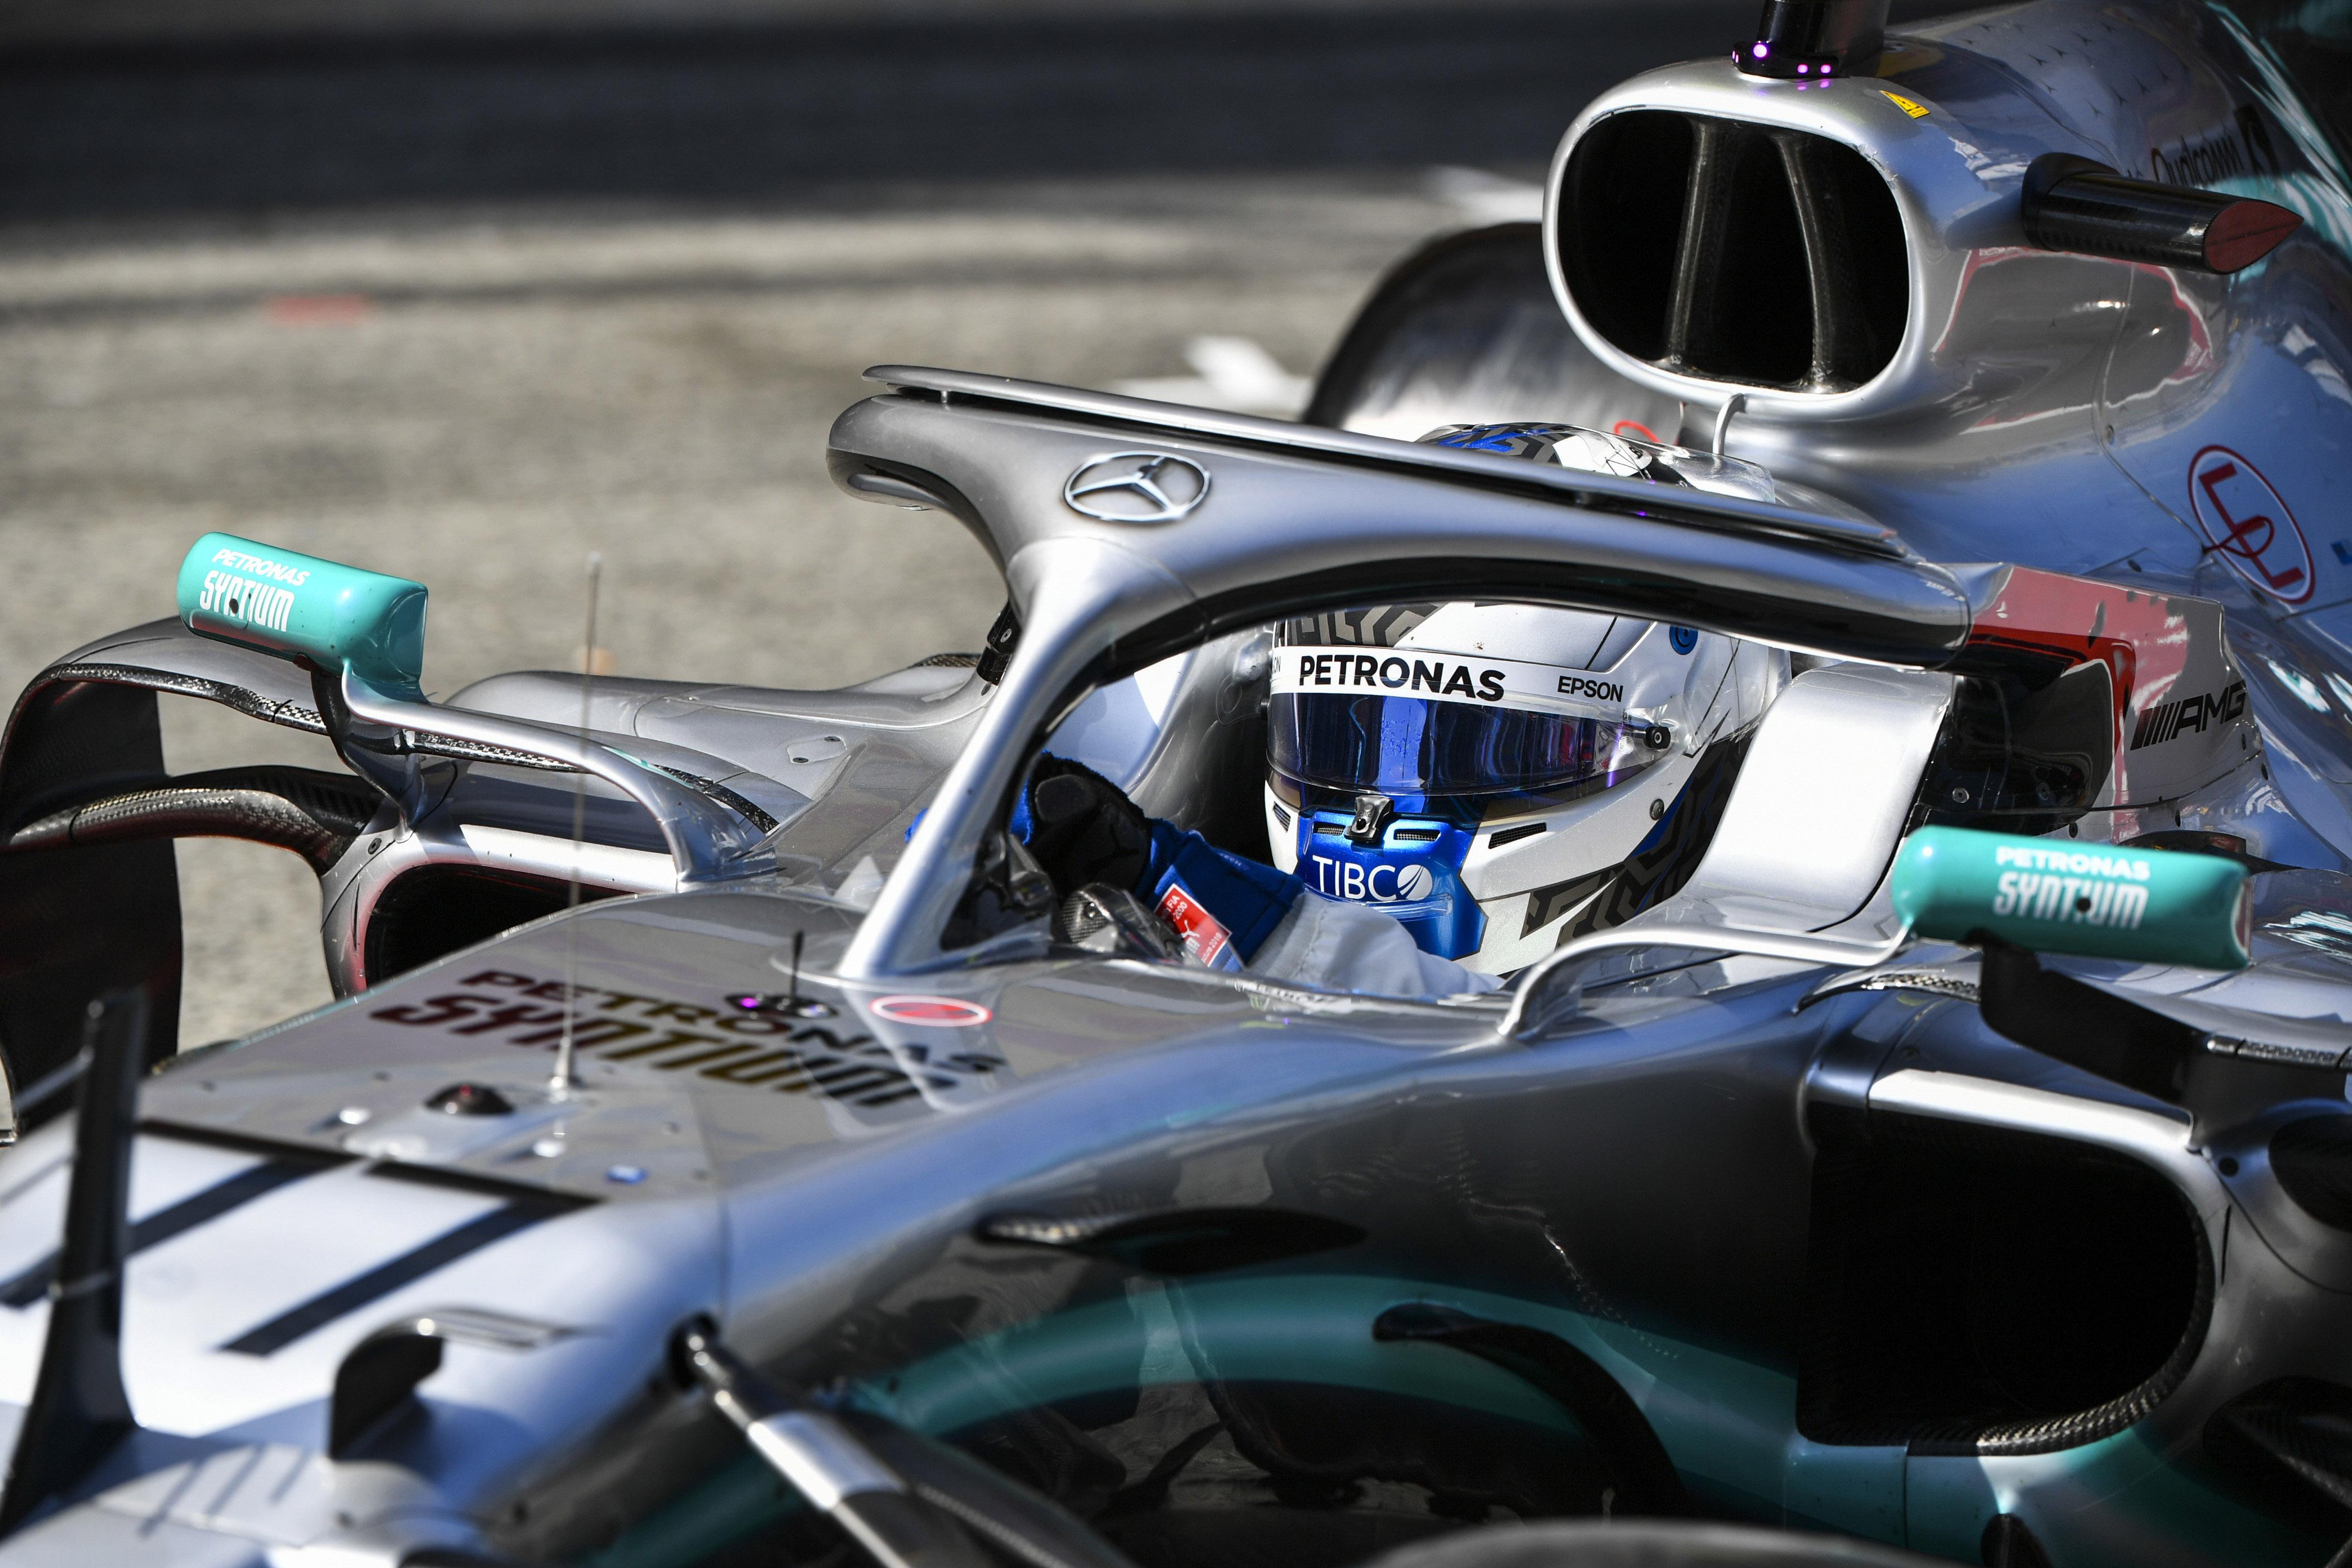 Fórmula 1, cuando el combustible y los segundos dependen de los datos